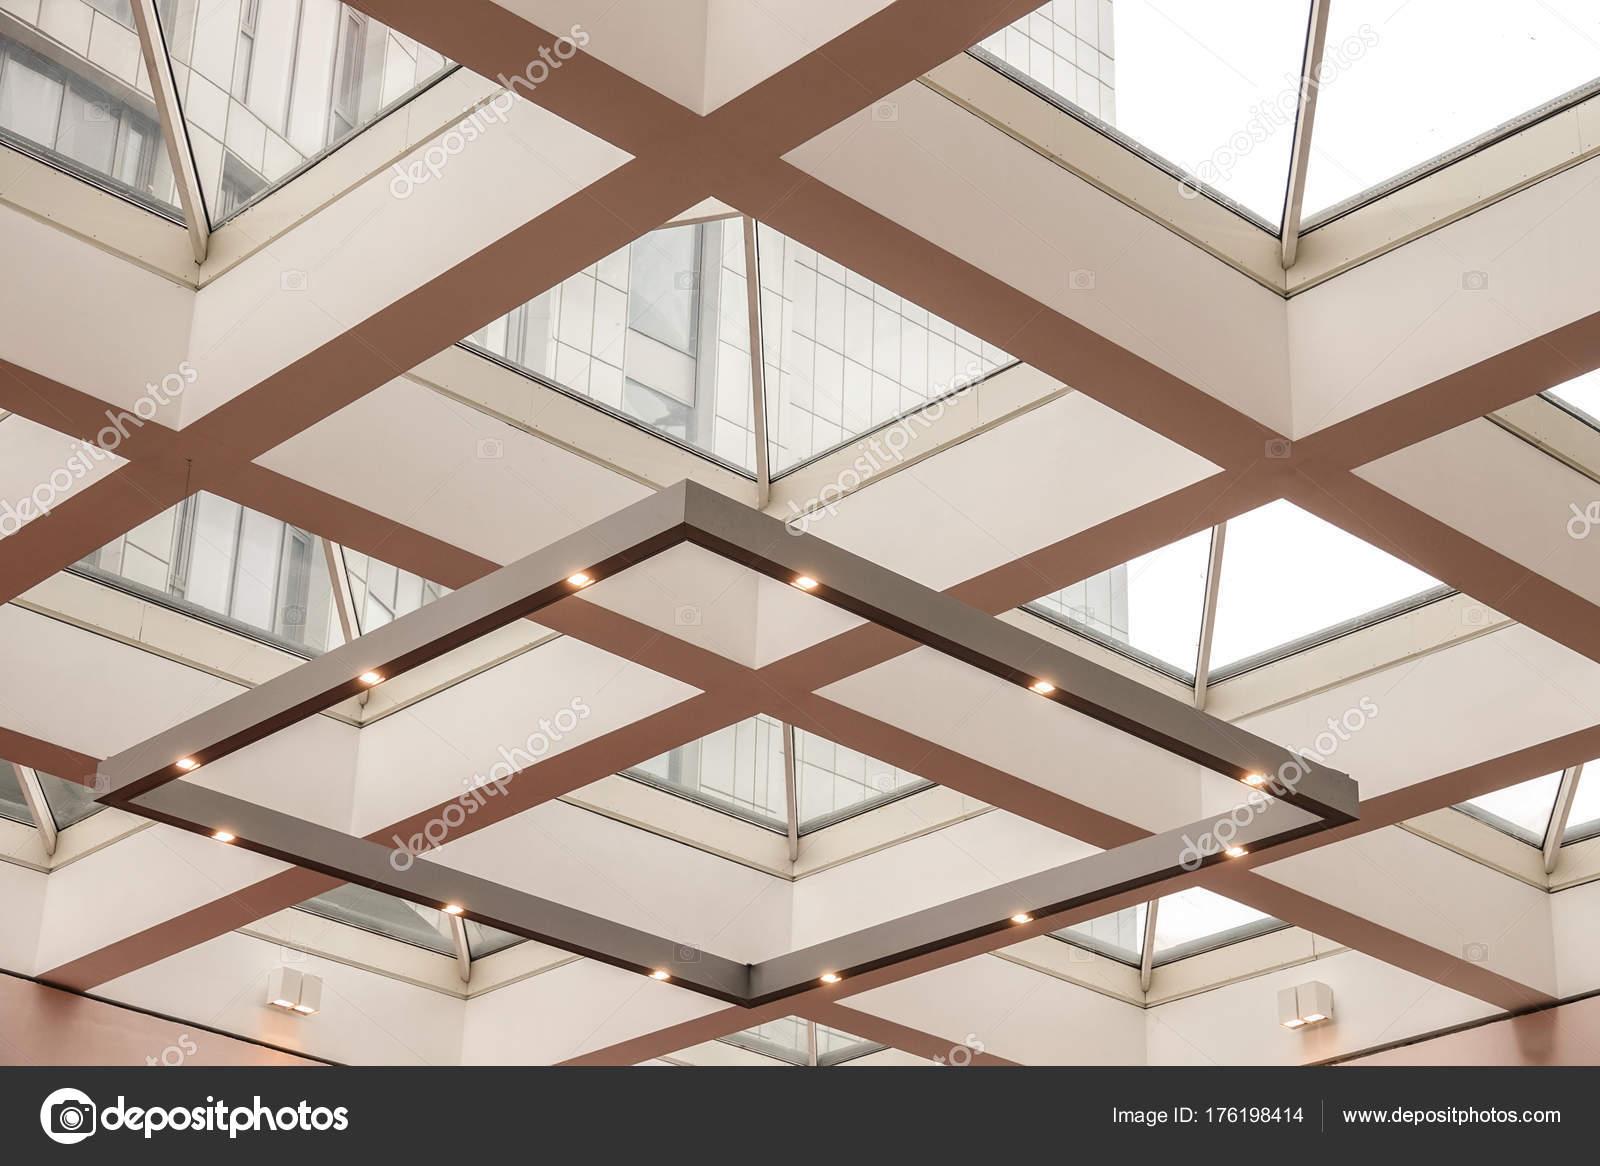 Gläserne Decke der Halle mit Beleuchtung — Stockfoto © ivanriver ...